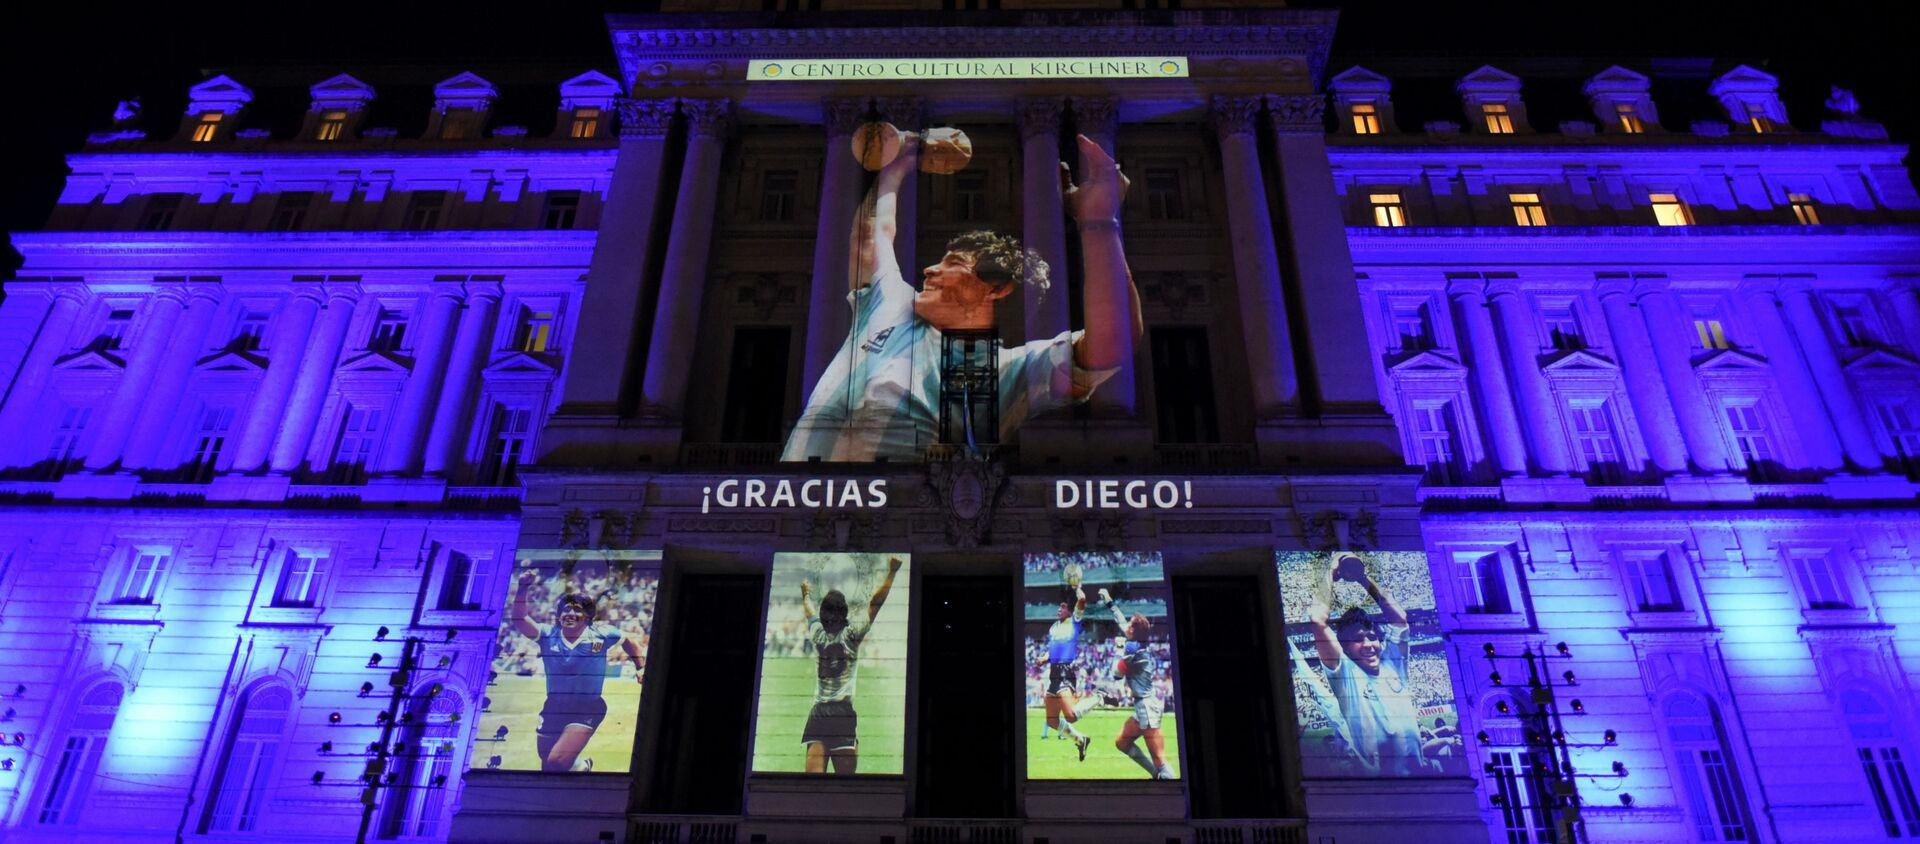 Fotografías de la fallecida leyenda del fútbol Diego Maradona se proyectan en el Centro Cultural Kirchner, en Buenos Aires (Argentina), el 25 de noviembre del 2020 - Sputnik Mundo, 1920, 25.11.2020